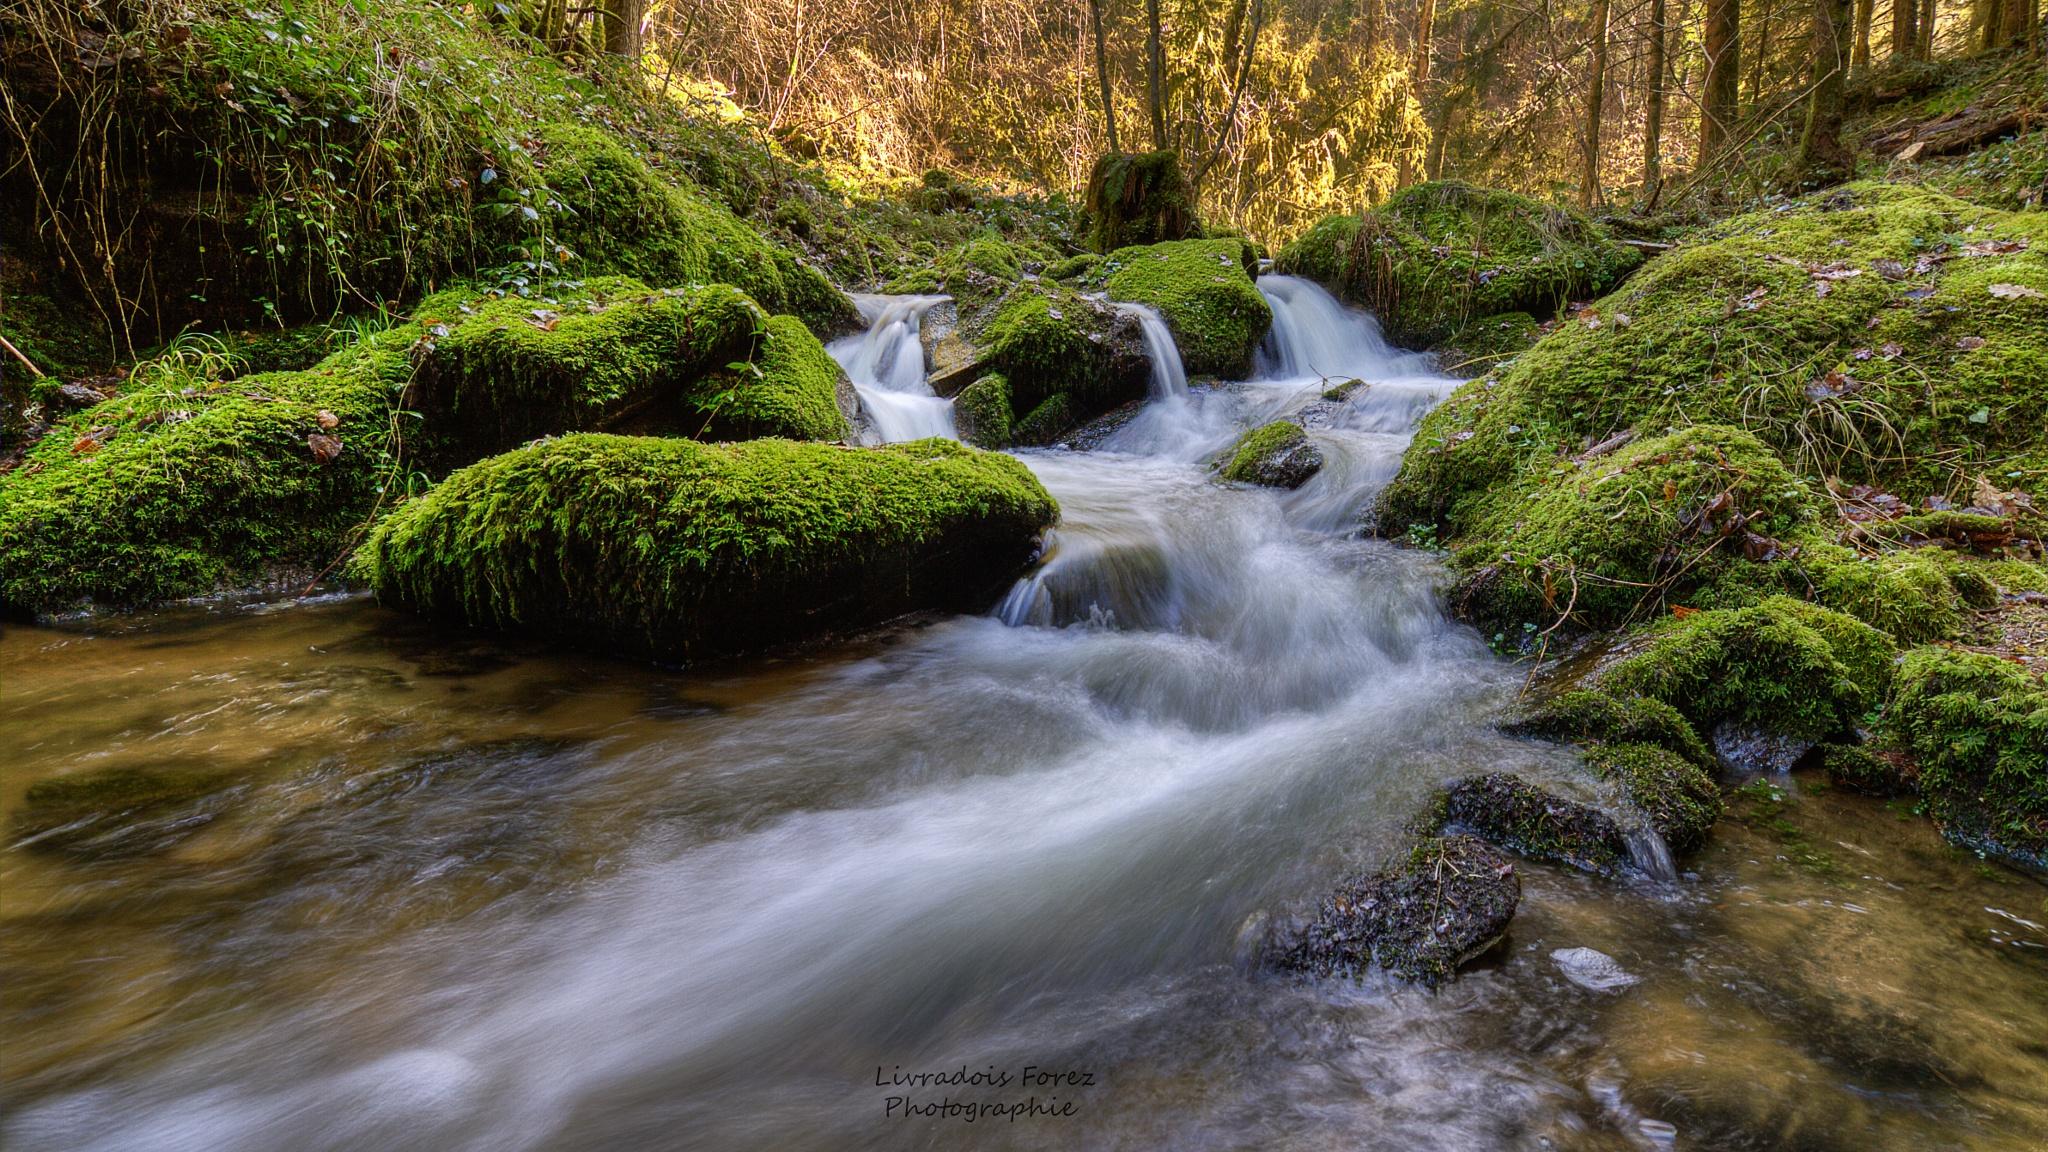 Gorges du ruisseau des Palles by LivradoisForezPhotographie